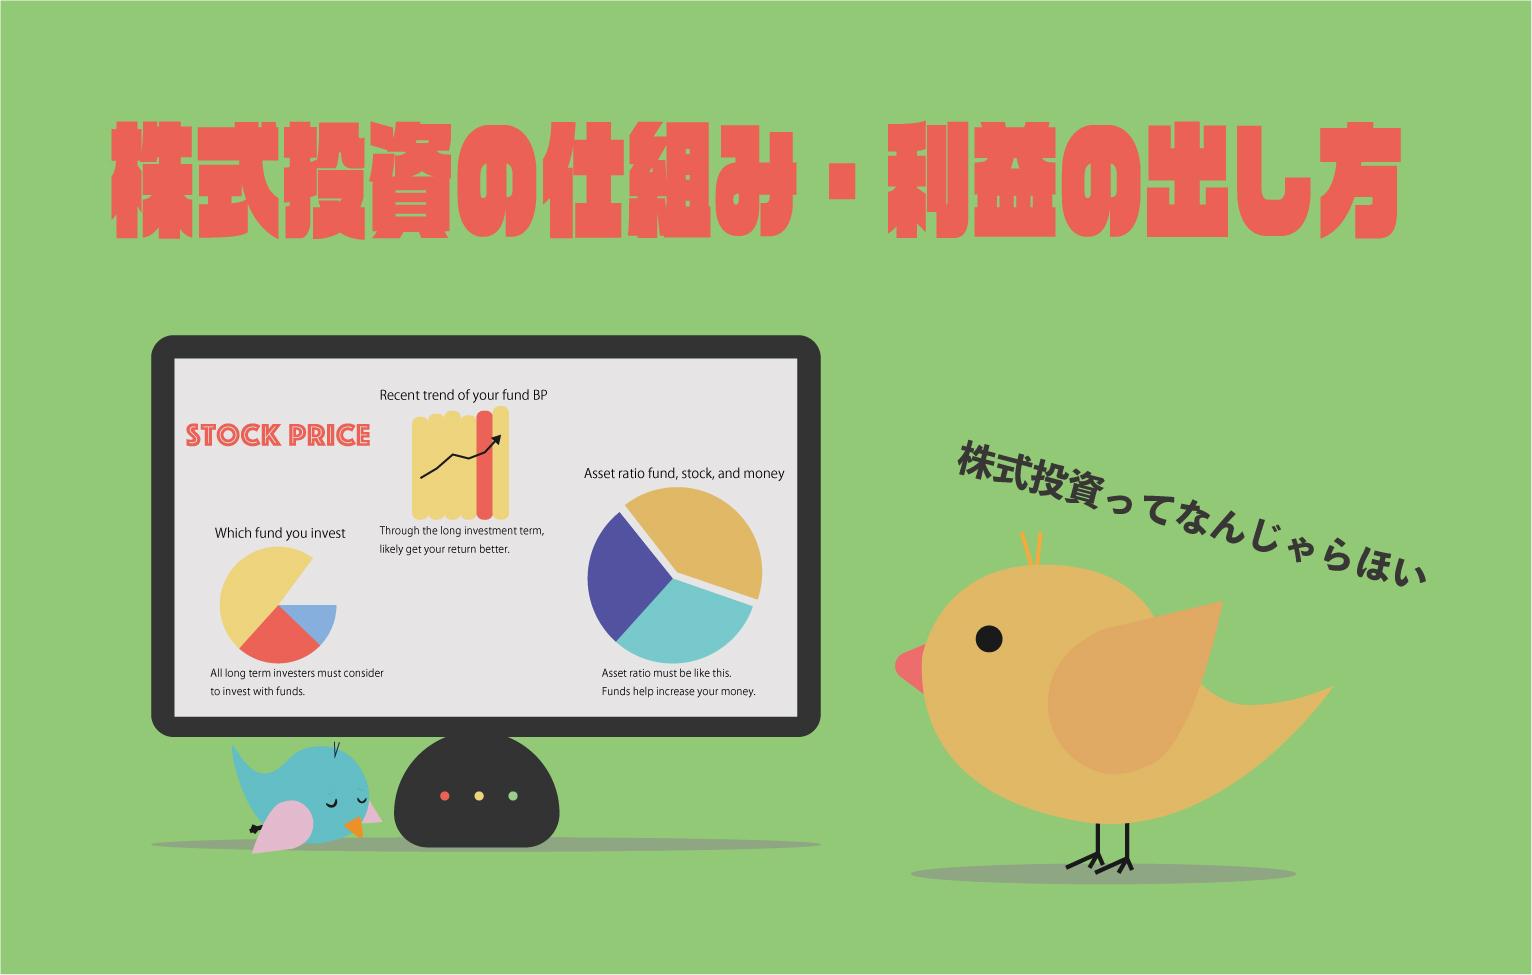 株式投資とは?株式投資の仕組みと始め方を解説します